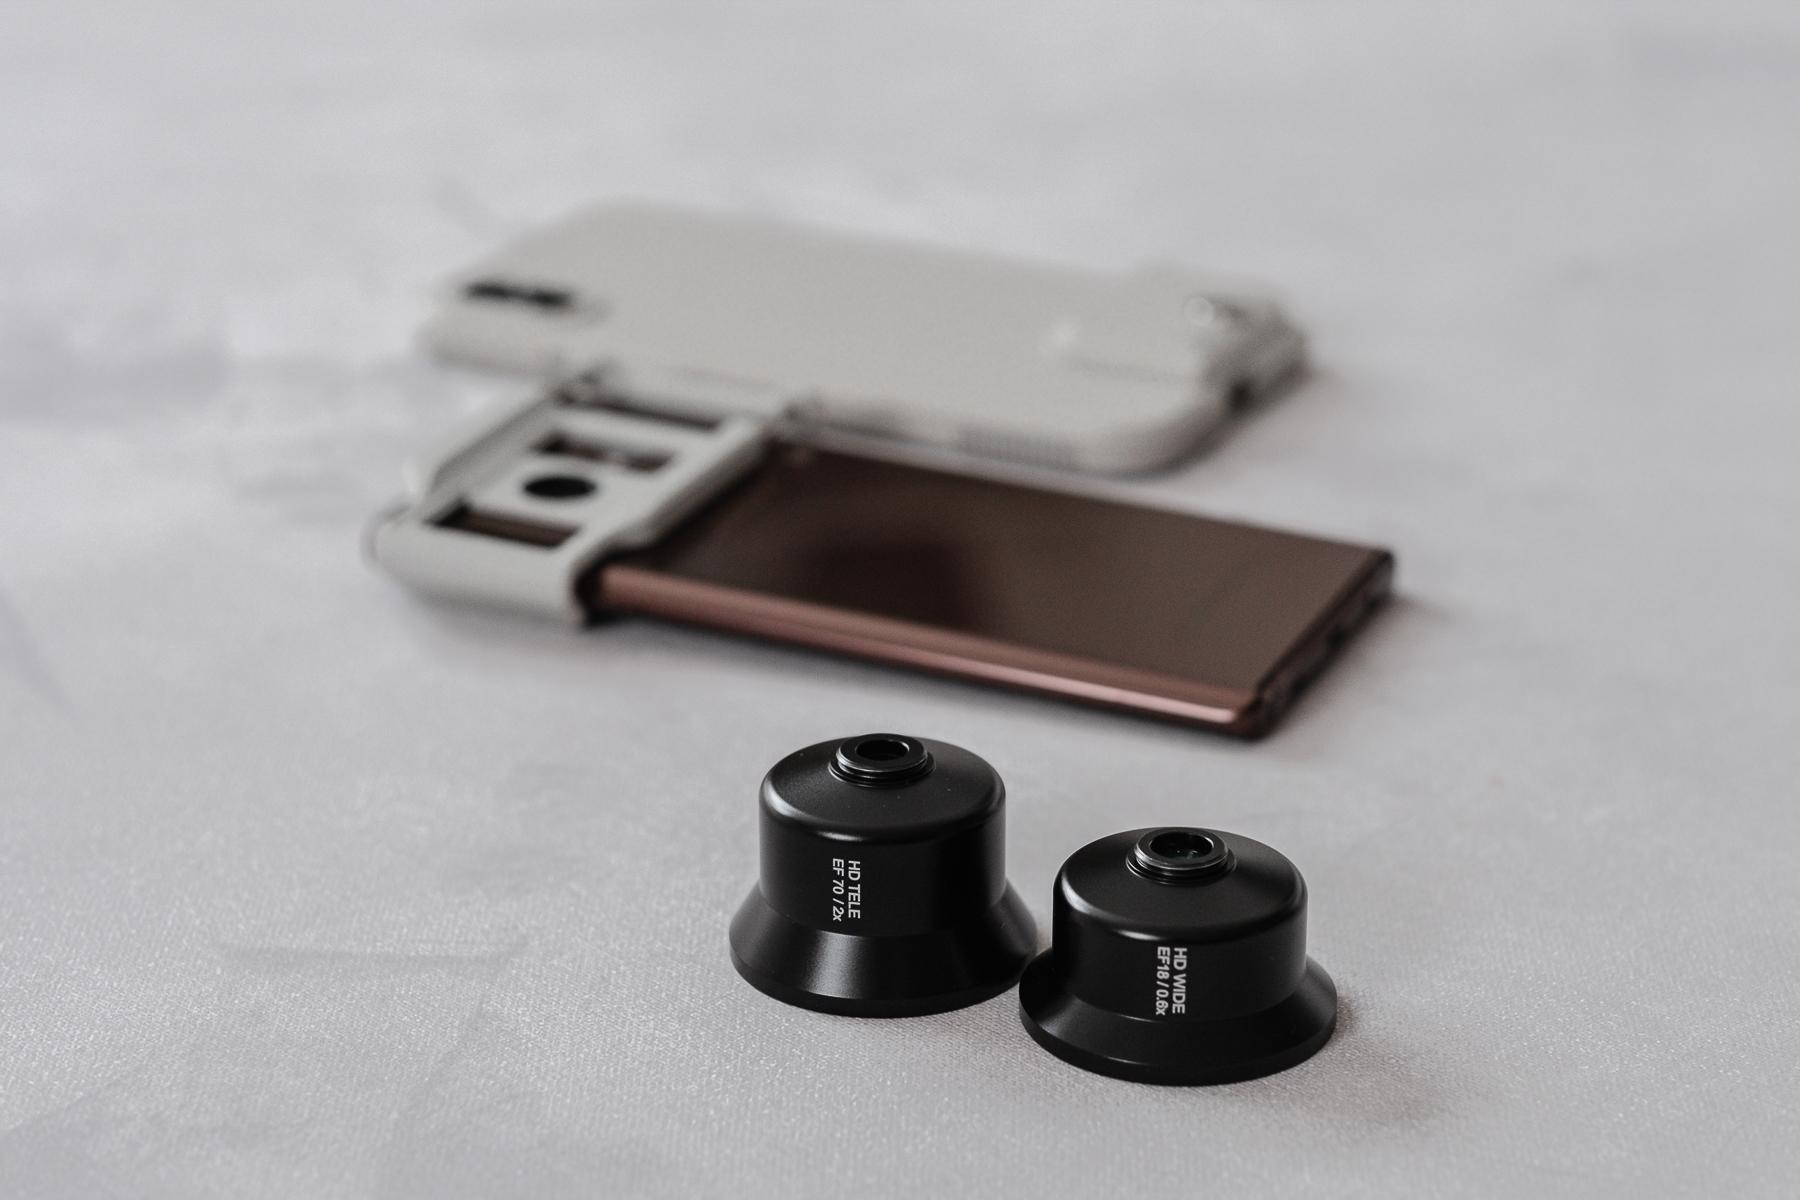 左:高階望遠鏡頭 HD Telephoto Lens / 右:高階廣角鏡頭 HD Wide Angle Lens